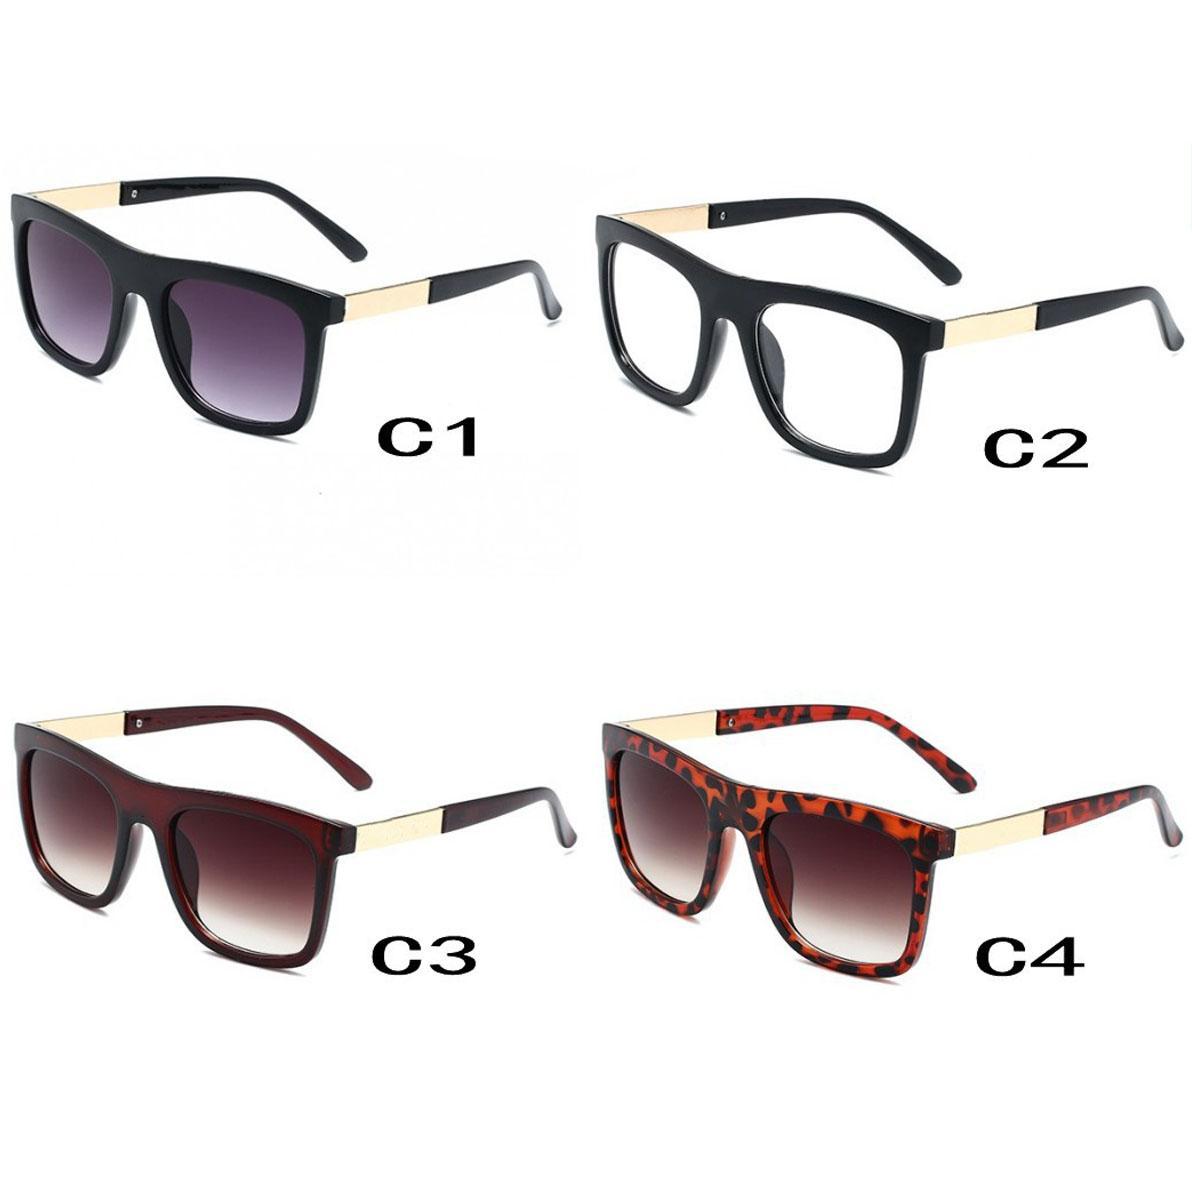 Moda Kare Kadın Erkek Güneş Gözlüğü Sürüş Spor Gözlük ABD Binme Rüzgar Sunglass Erkekler Için Bayan Vintage Çerçeve Güneş Shades Açık Gözlükler Eyilses